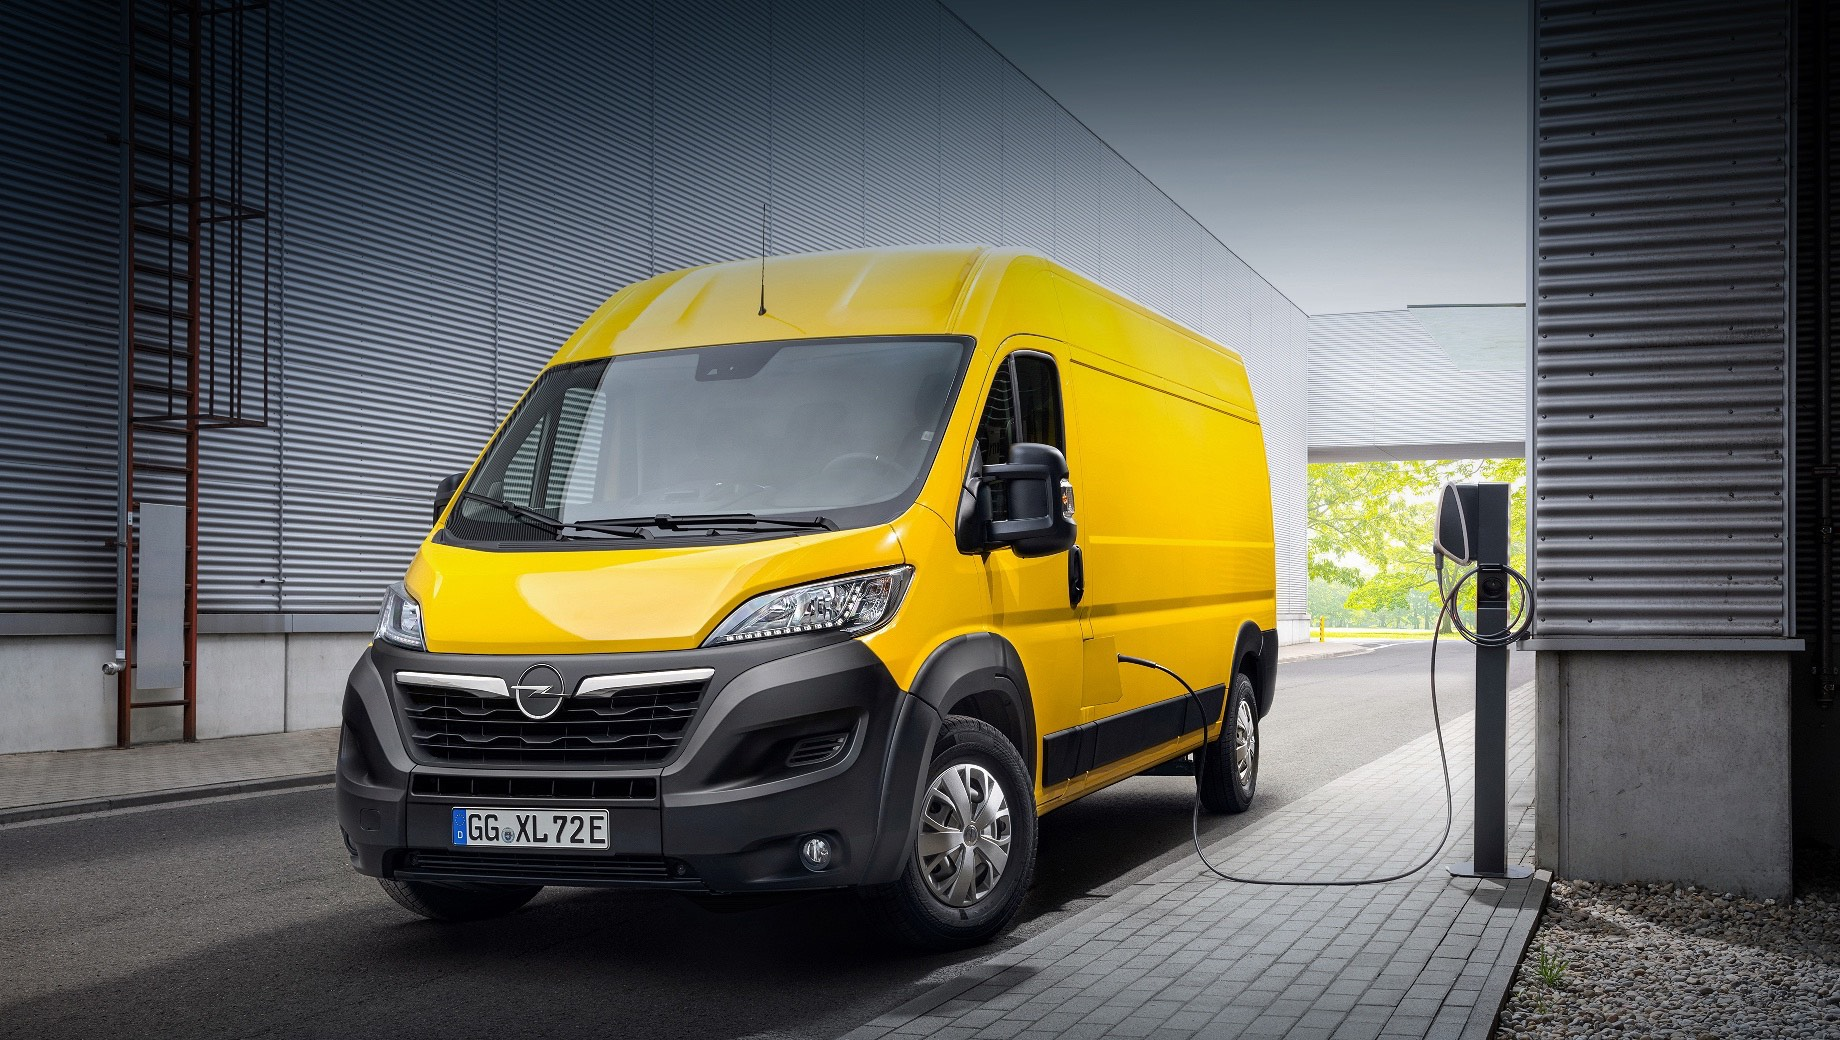 Opel movano,Opel movano-e. Movano и Movano-e отличаются от собратьев только символикой Опеля. Предусмотрено четыре варианта по длине и три по высоте. Вместимость варьируется в пределах 8–17 м³. Полезная нагрузка достигает максимума в 2100 кг. Запланированы продажи Movano в виде «голого» шасси с разными надстройками.